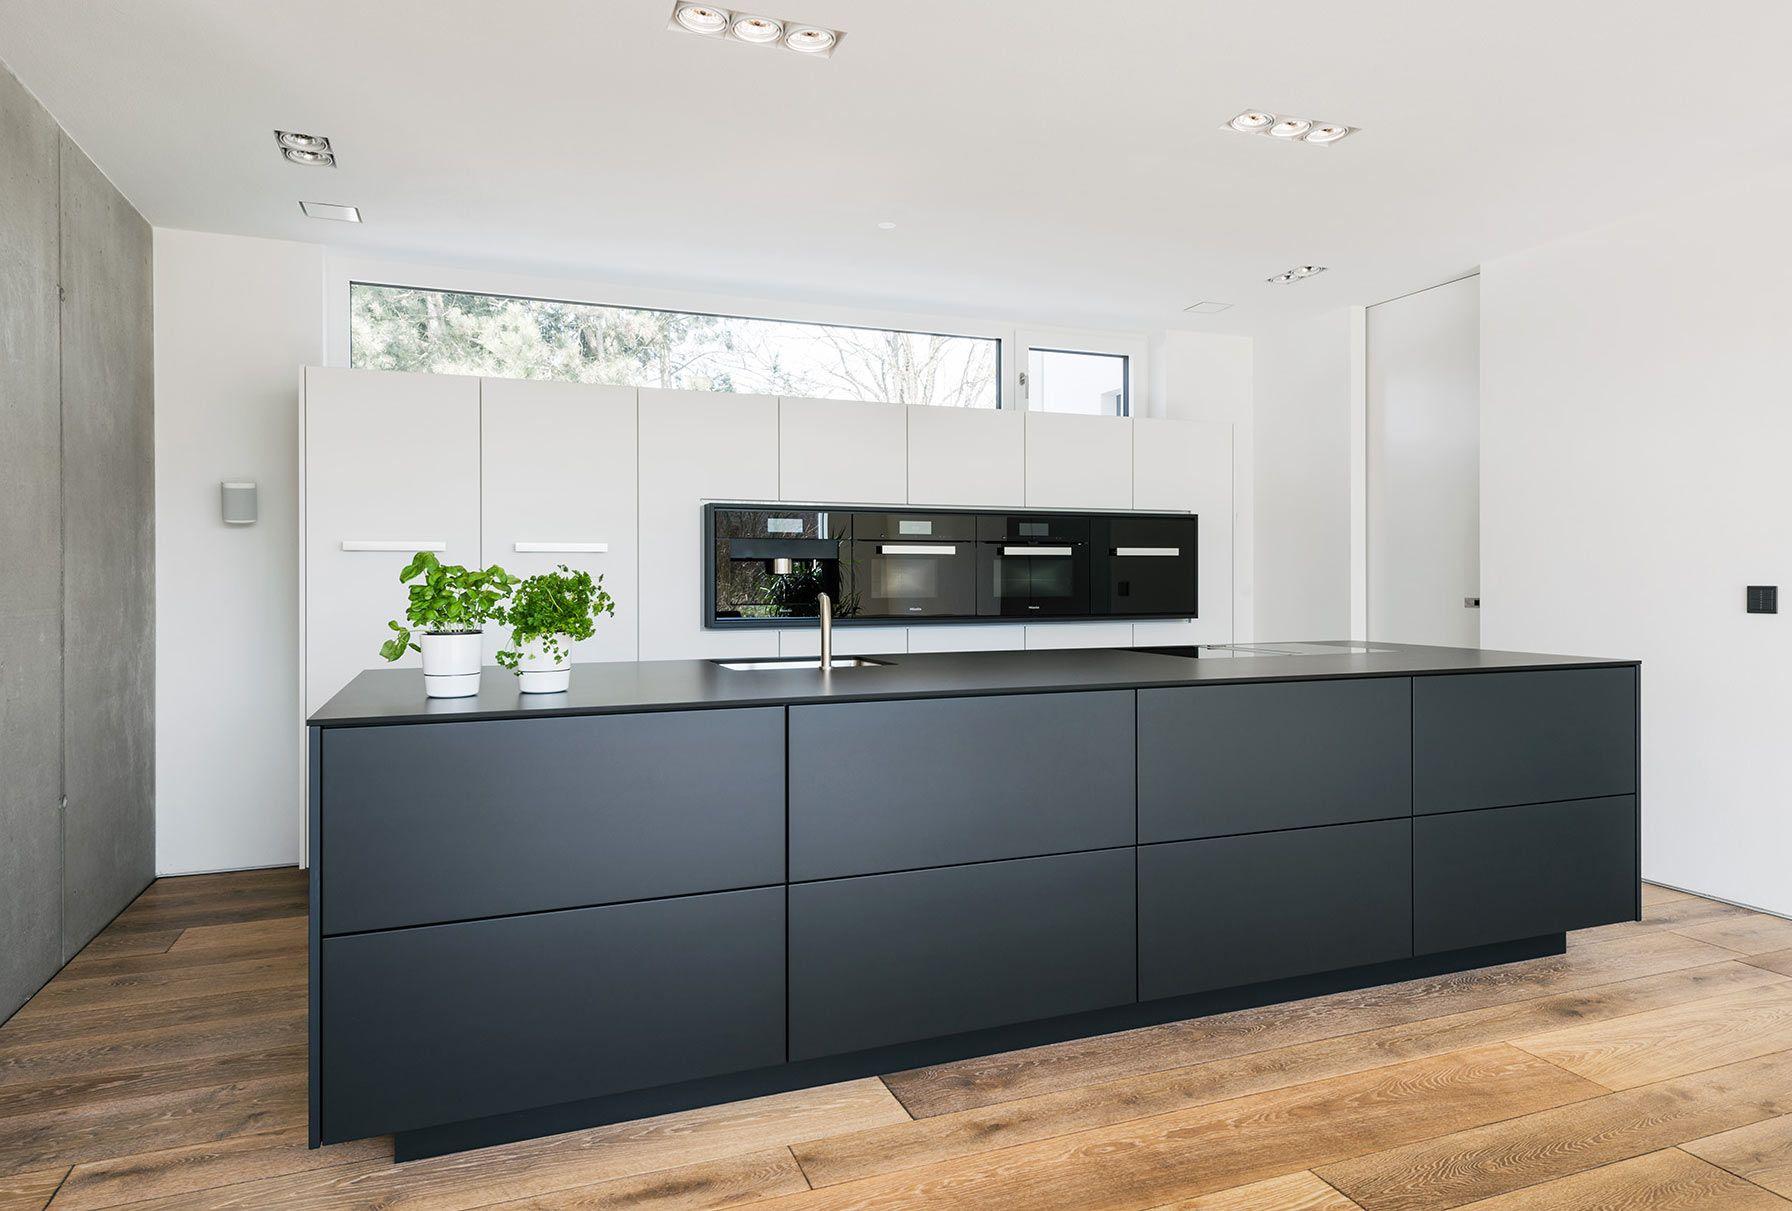 Die Küche in schwarz weiß harmoniert perfekt mit dem Eichenparkett